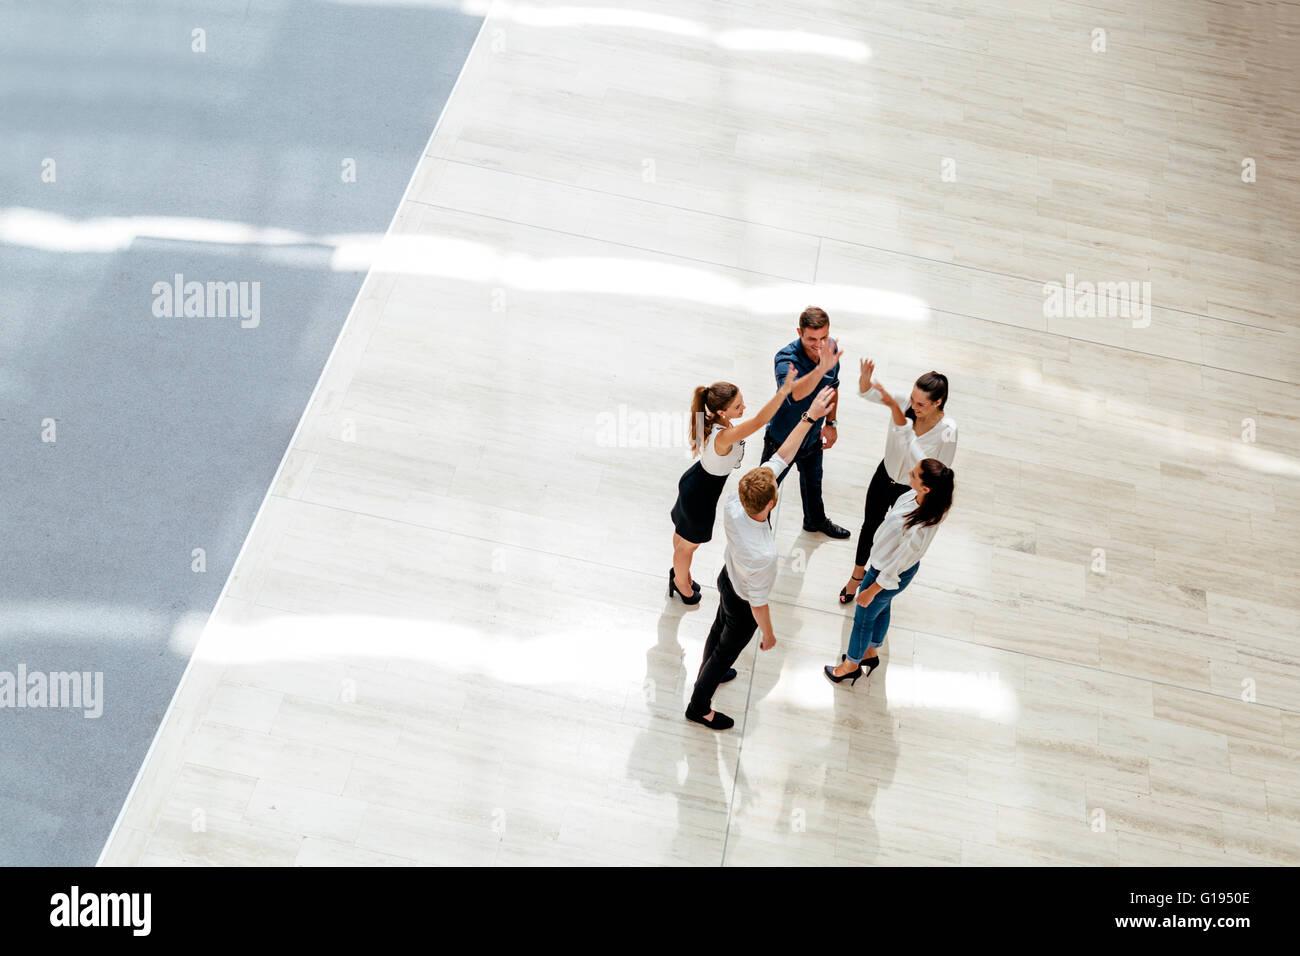 La gente di affari, felicità, il lavoro di squadra e la collaborazione Immagini Stock